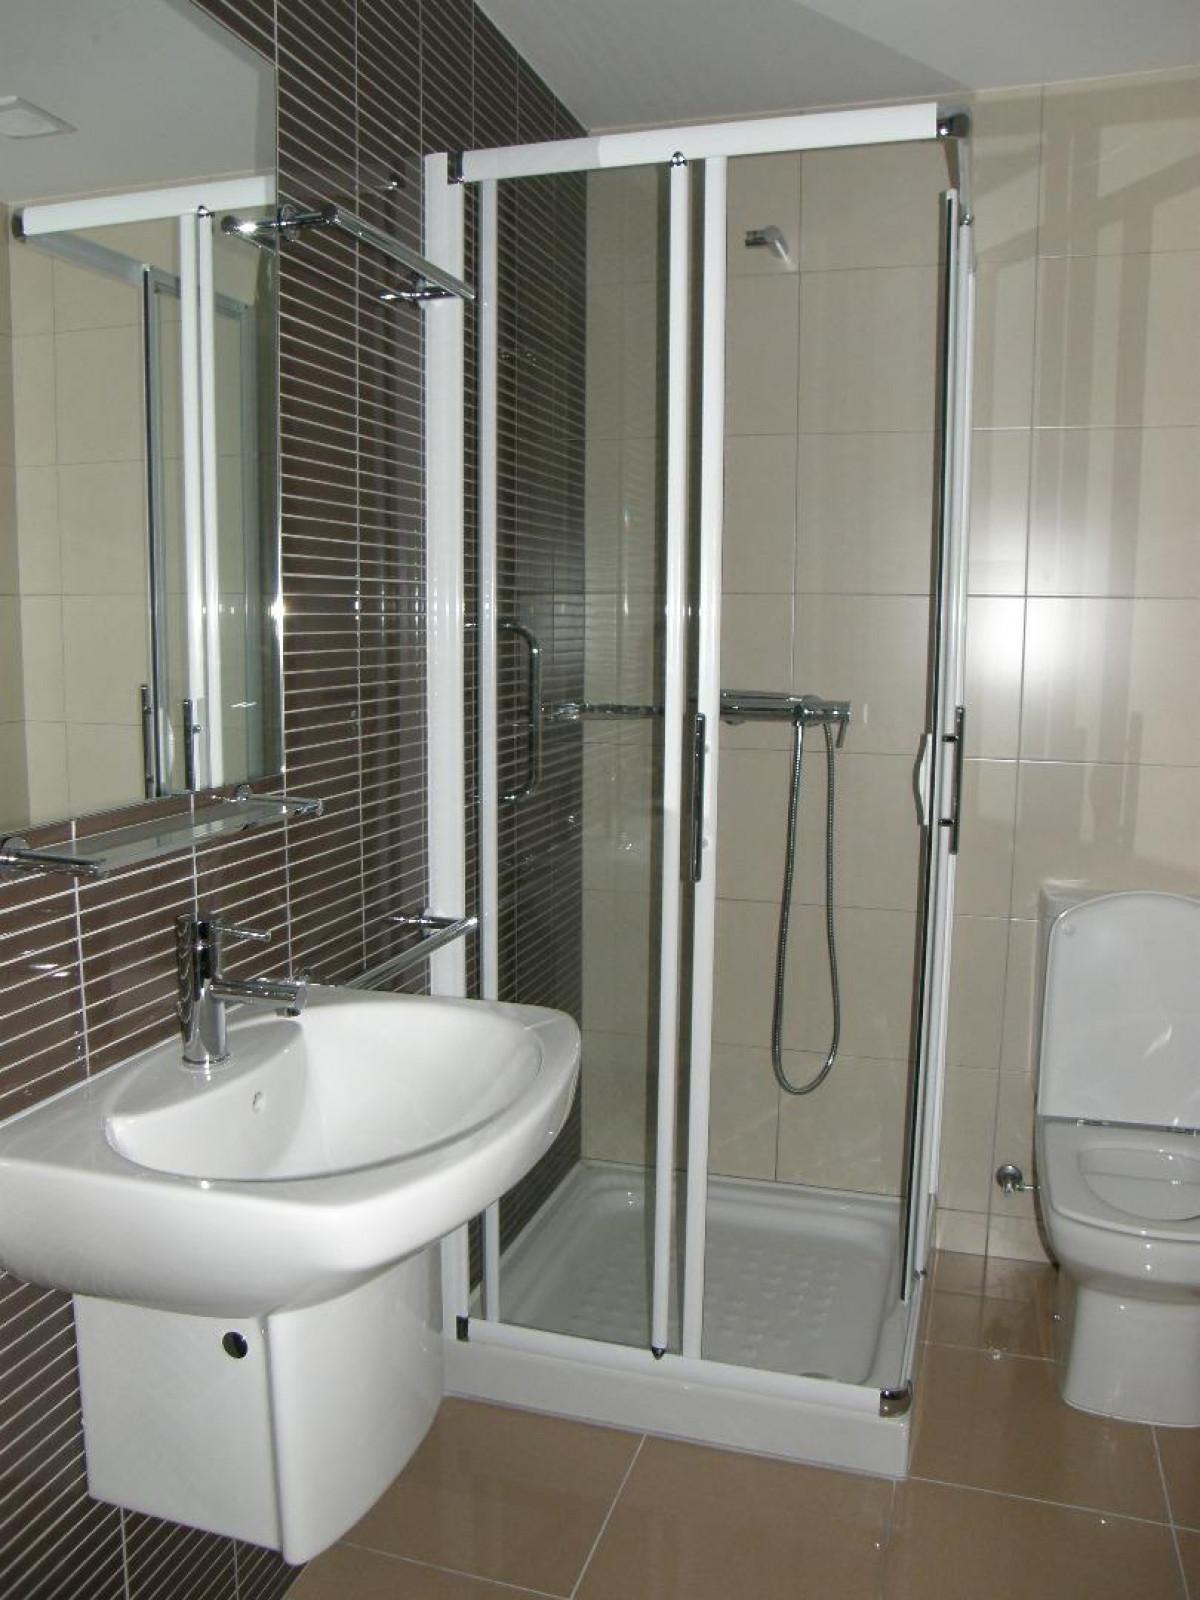 Pis moblat i equipat. Disposa de 1 habitació, 1 bany complet, saló menjador. Gaudeix de sol i vistes.